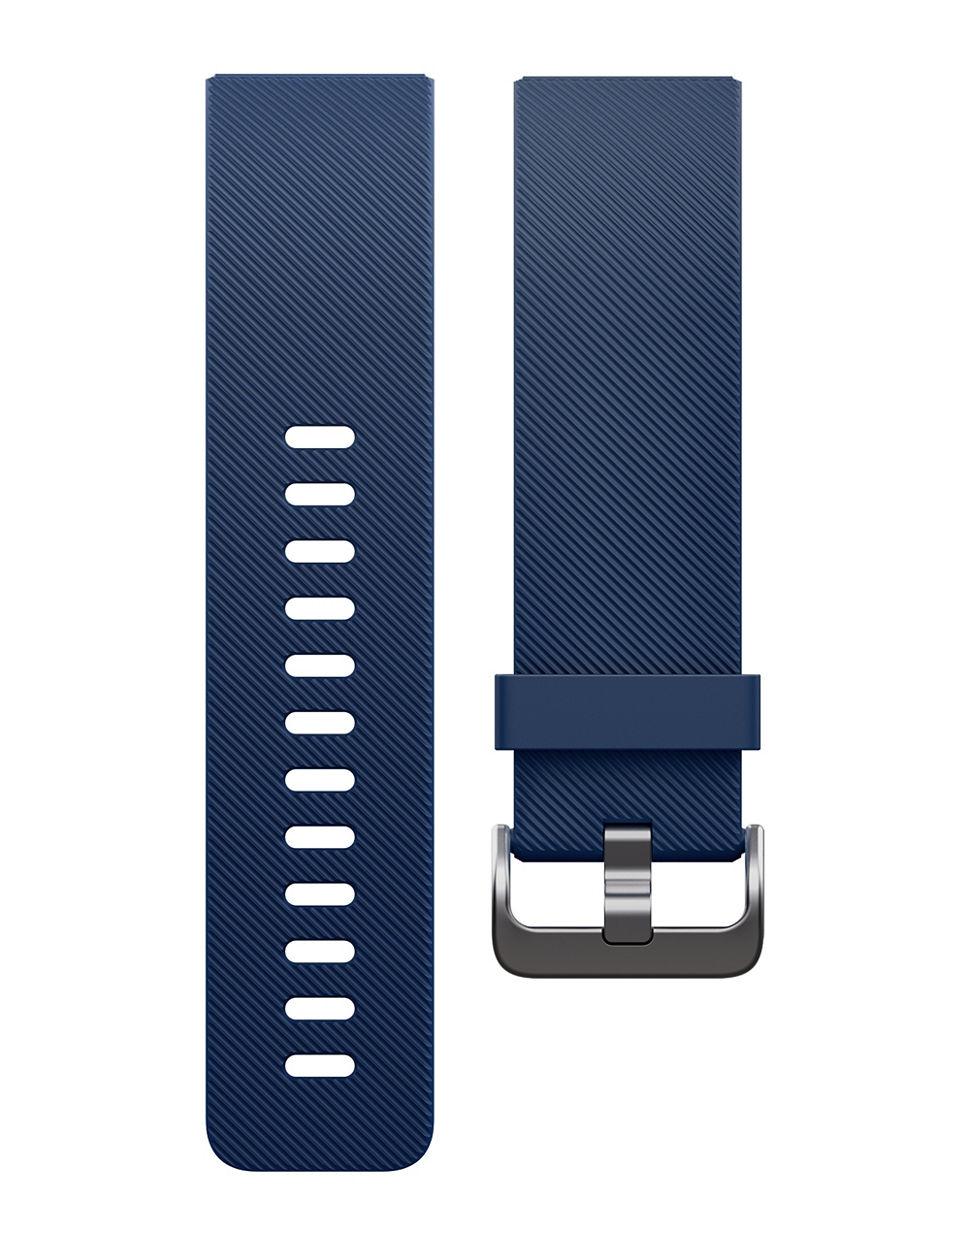 Fitbit Blaze Smart Fitness Watch, Blue in Black